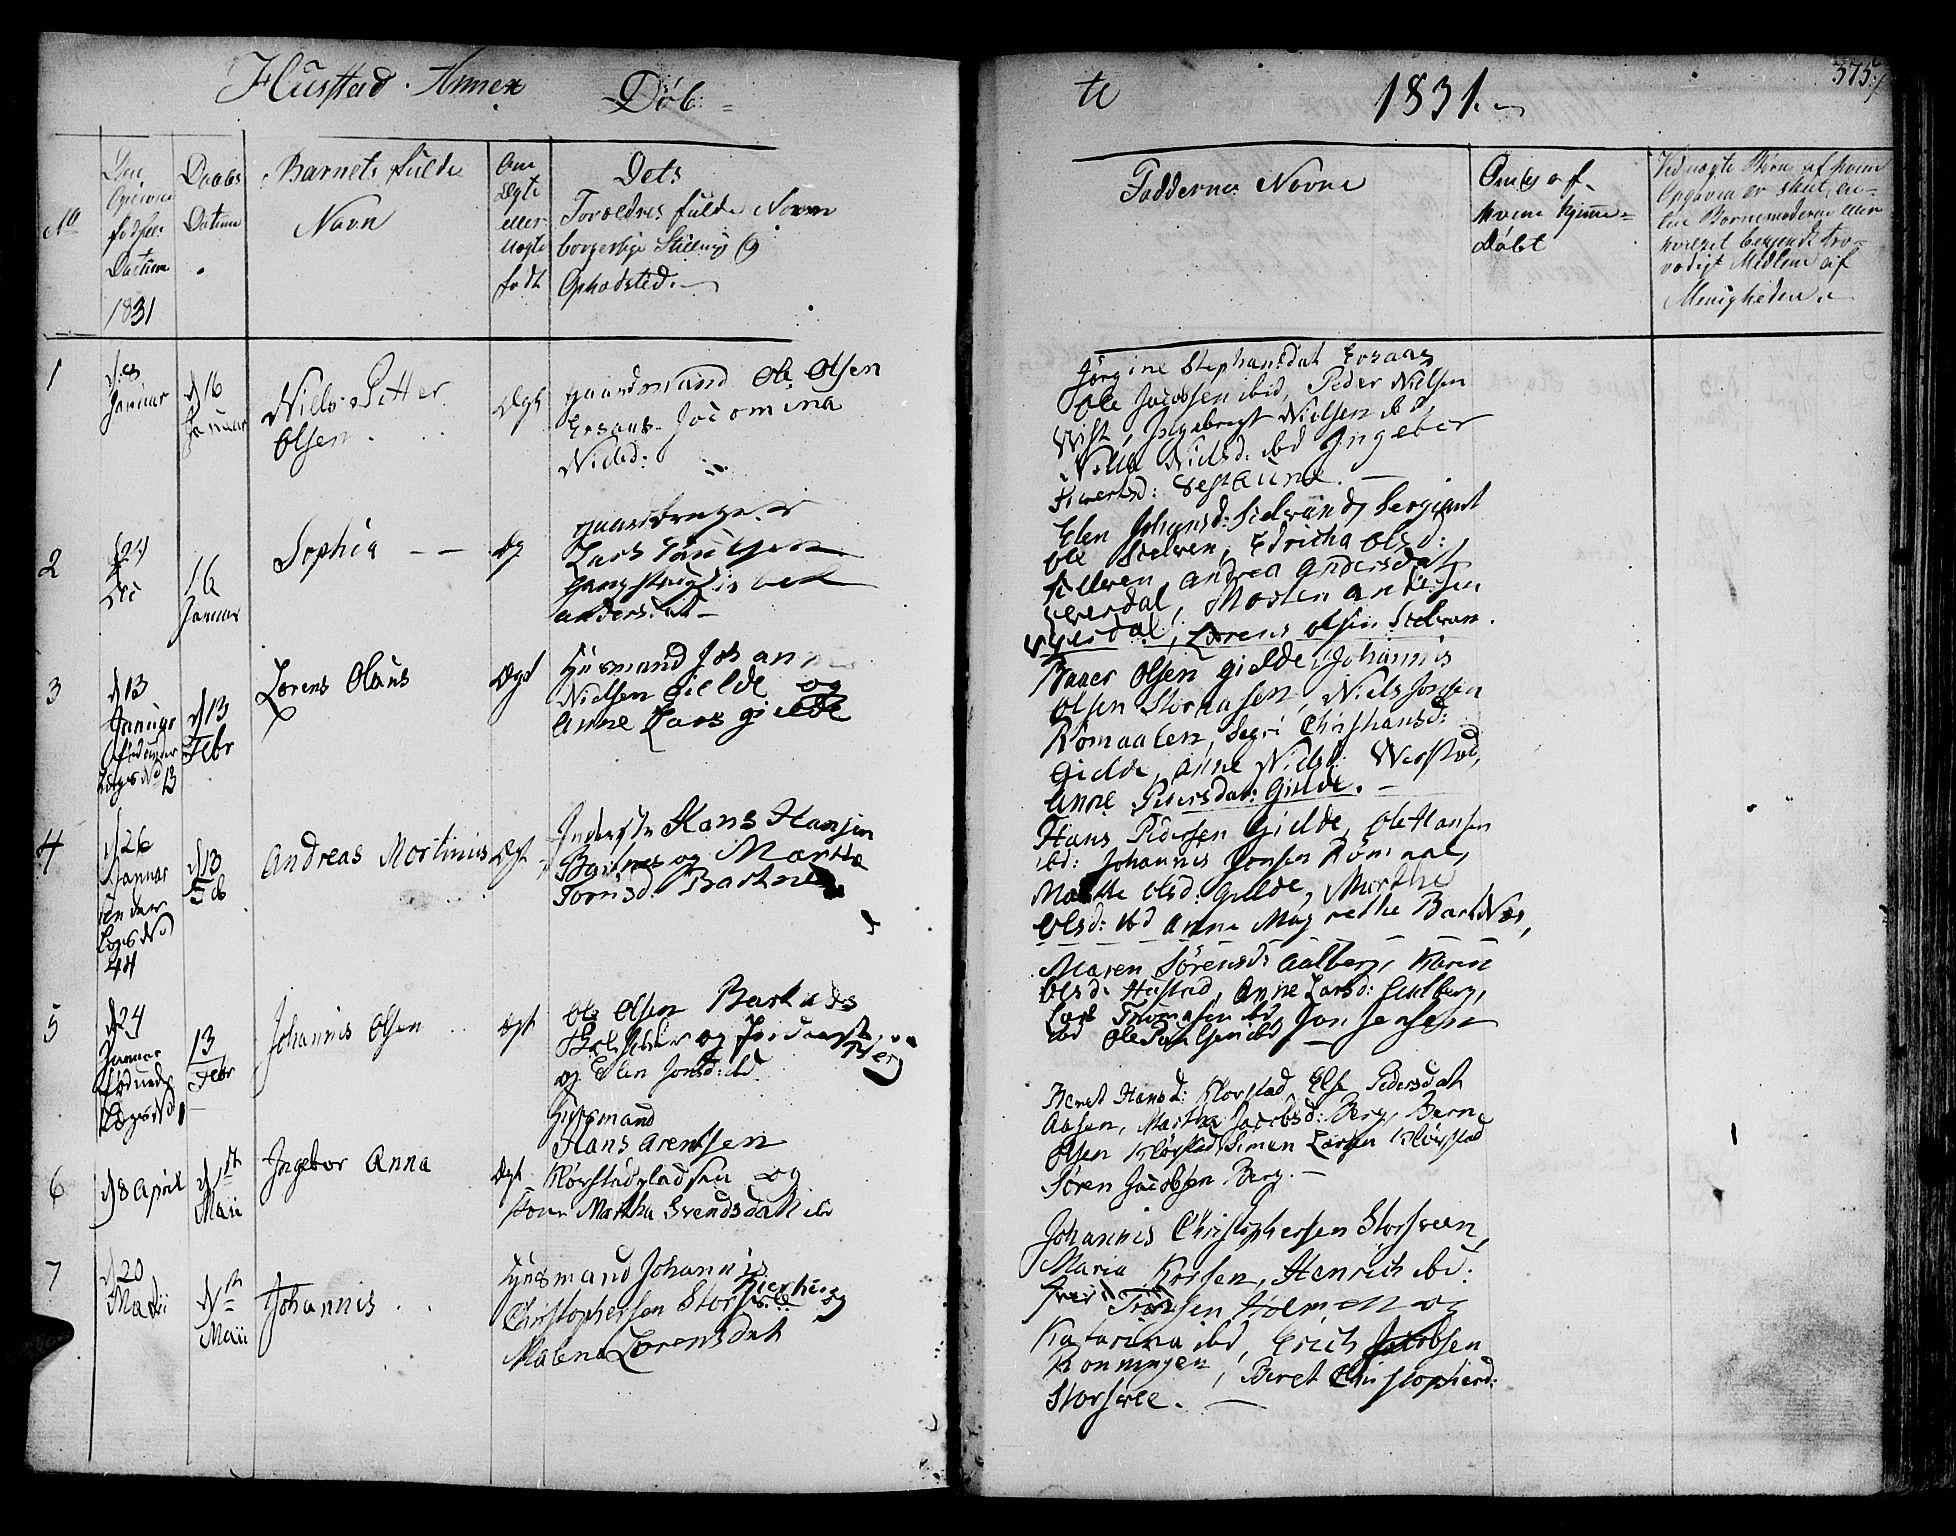 SAT, Ministerialprotokoller, klokkerbøker og fødselsregistre - Nord-Trøndelag, 730/L0277: Ministerialbok nr. 730A06 /3, 1830-1839, s. 375